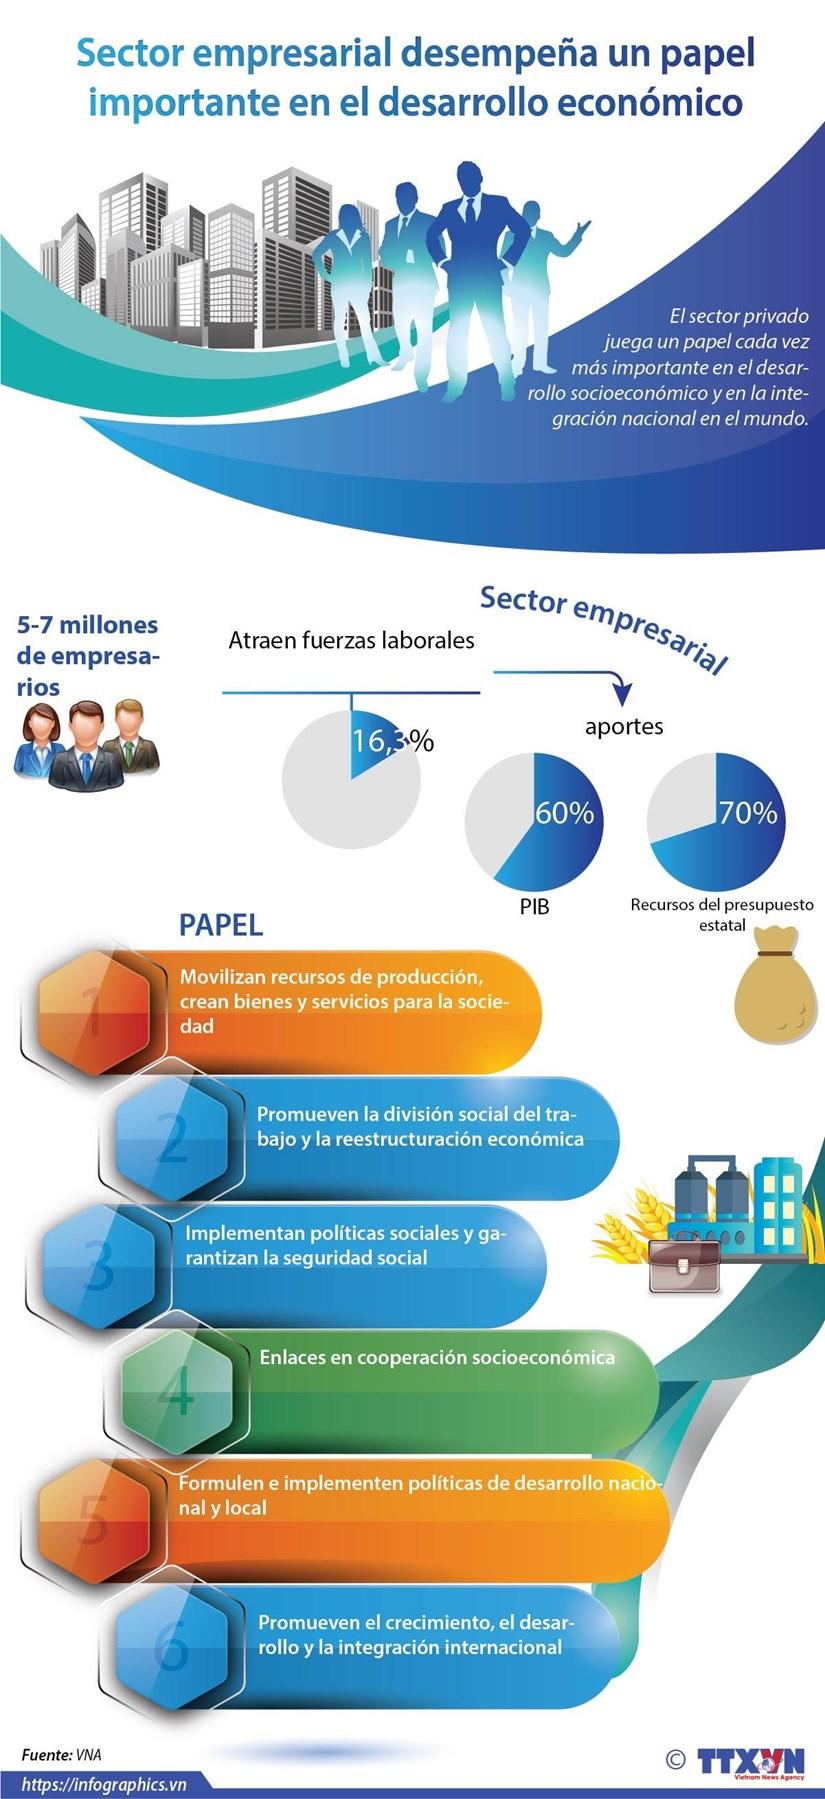 [Info] Sector empresarial desempena un papel importante en el desarrollo economico hinh anh 1